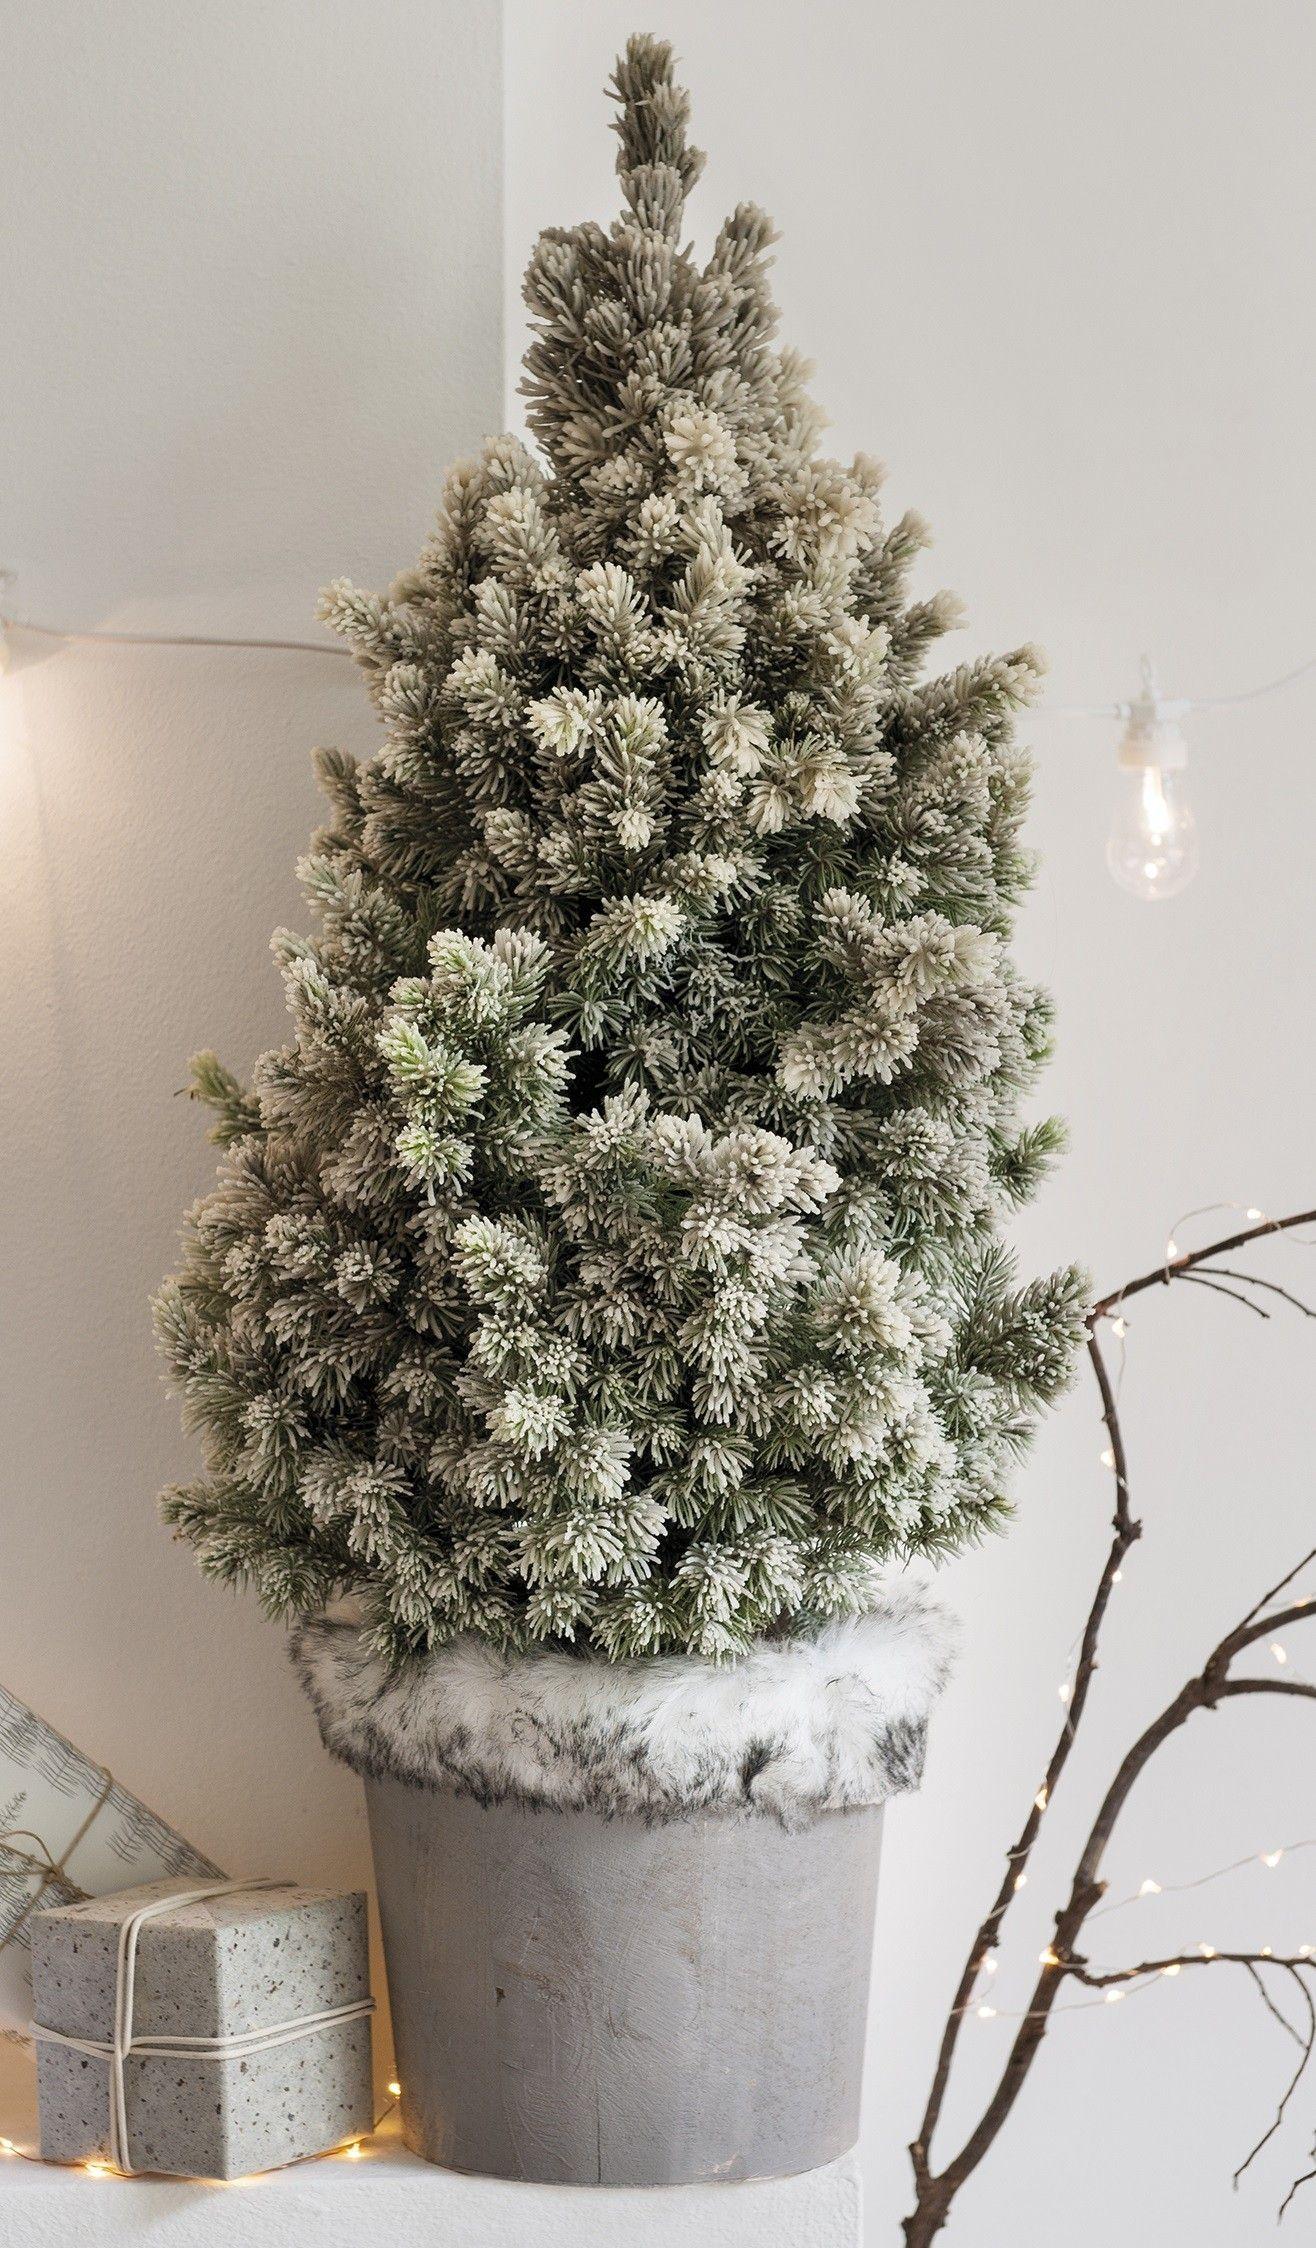 Kerstboom In Pot.Wax Kerstboom In Pot H 70 Cm D 22 Cm Wensenlijstje